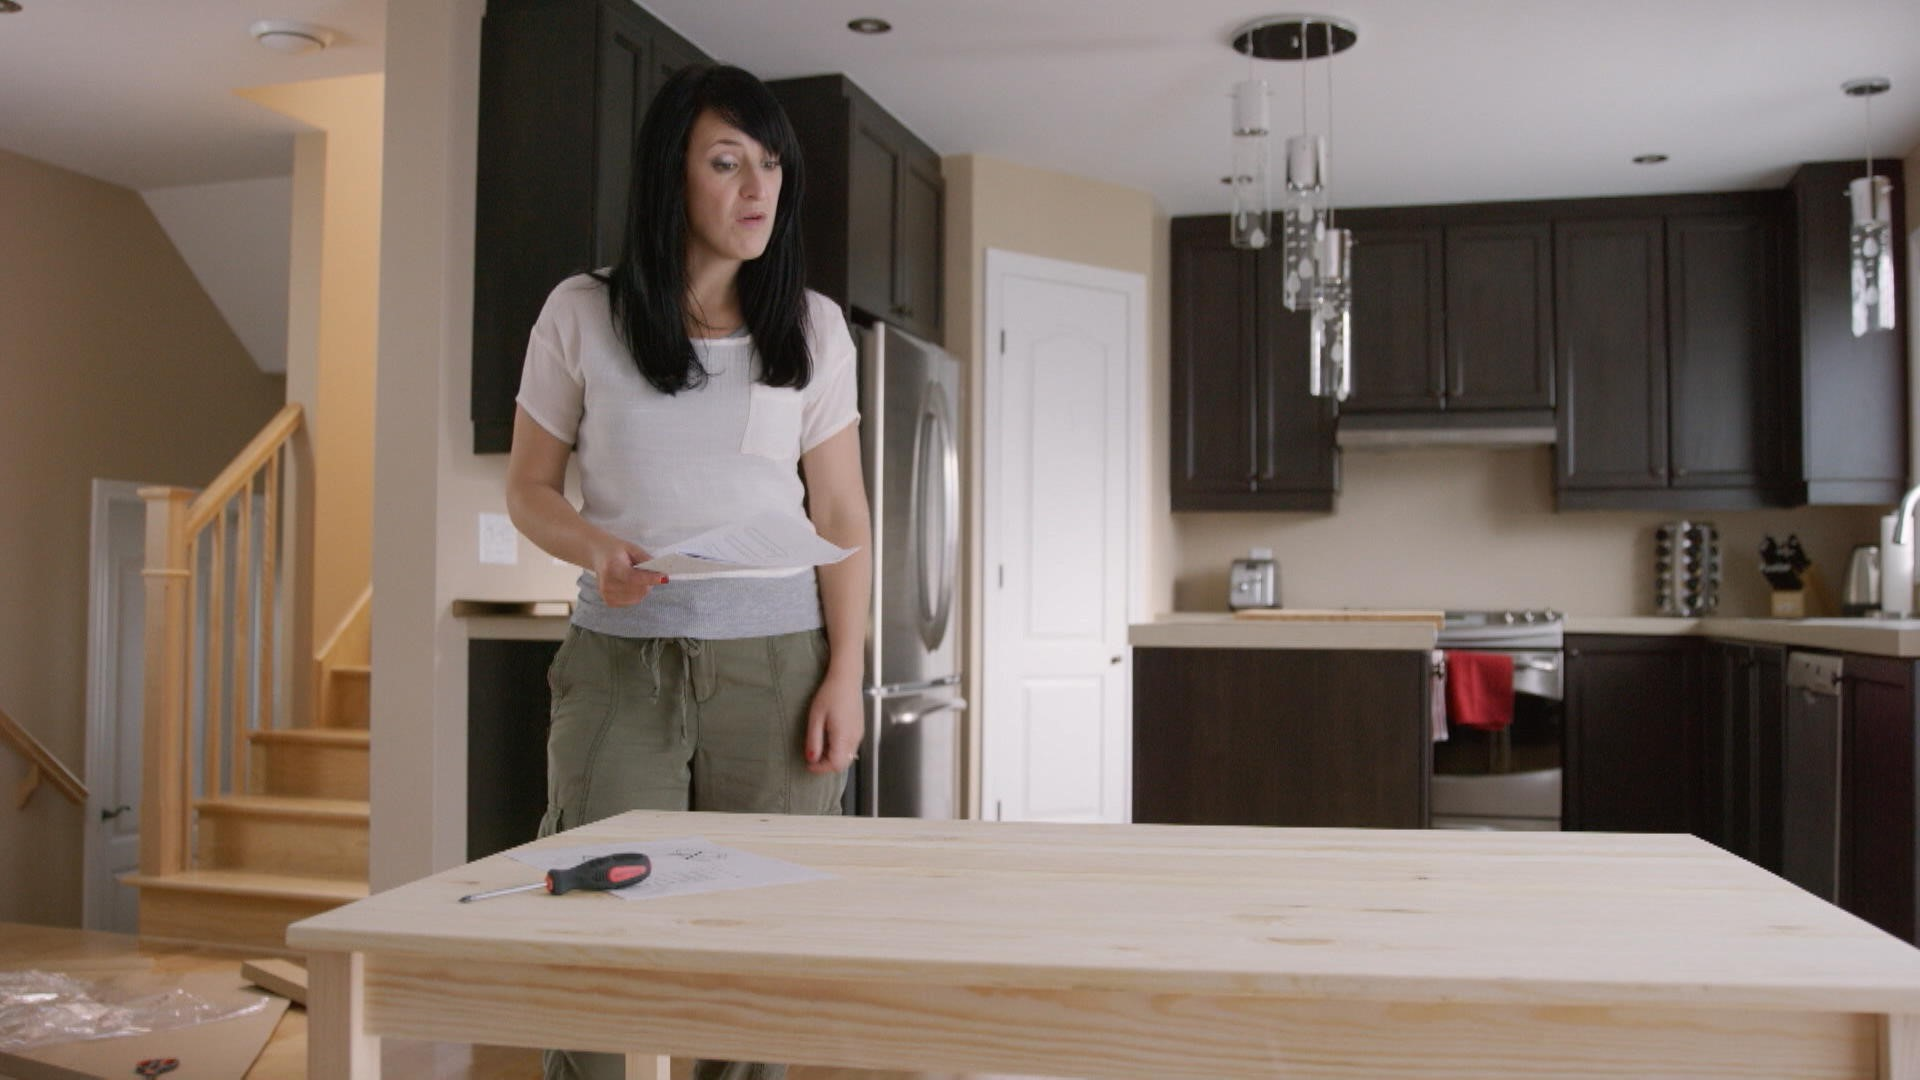 monter un meuble ikea les appendices zone vid o t l qu bec. Black Bedroom Furniture Sets. Home Design Ideas